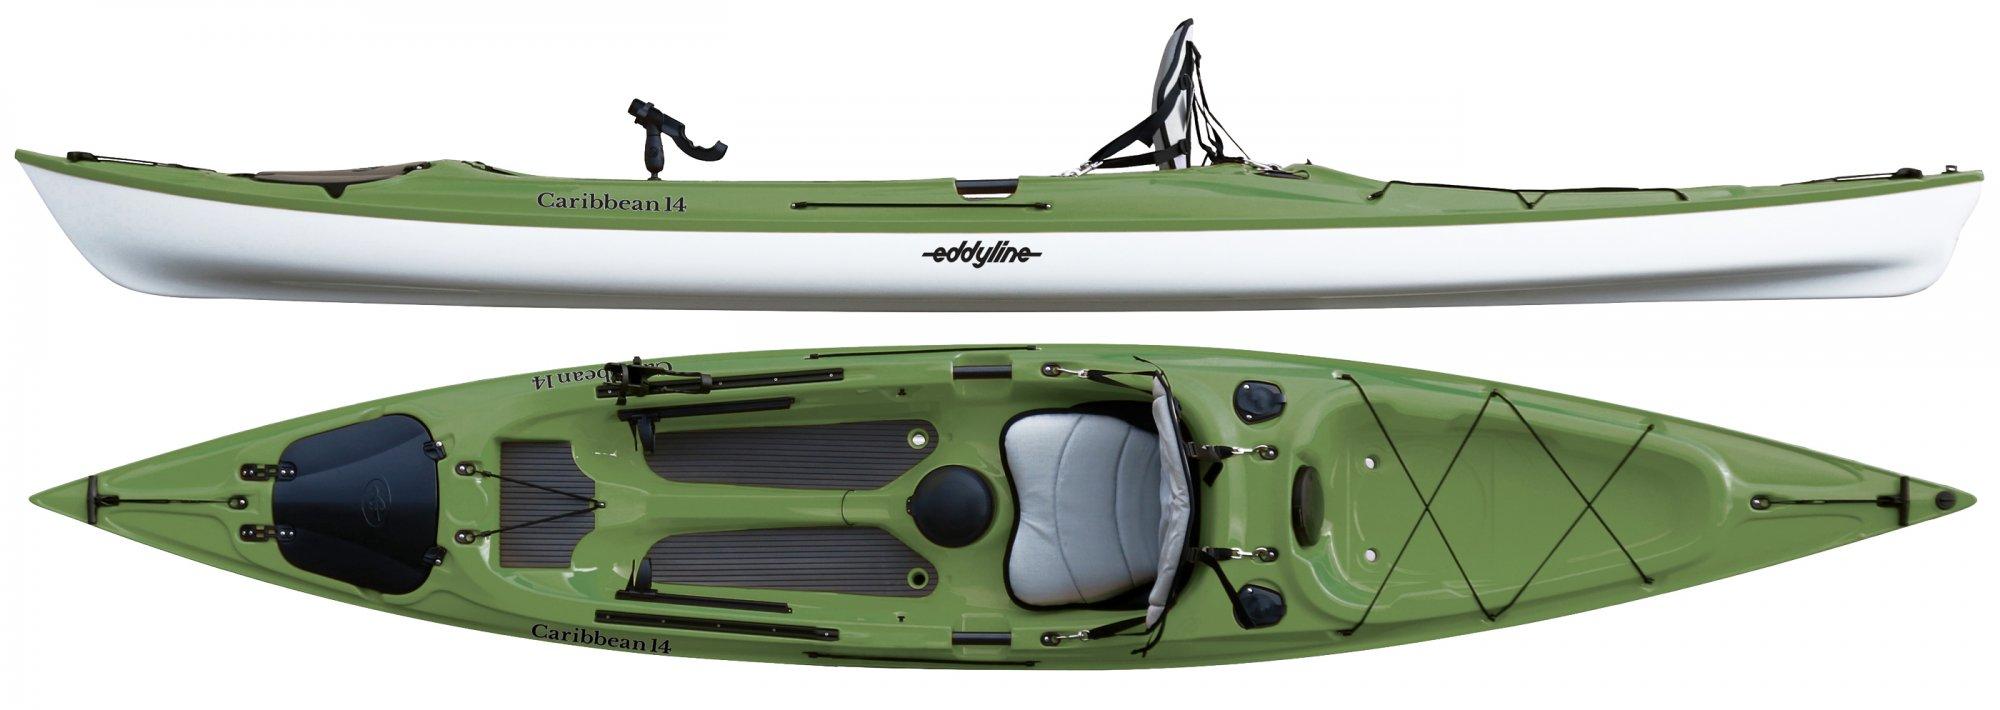 Eddyline Caribbean 14 Angler ORDER NEW